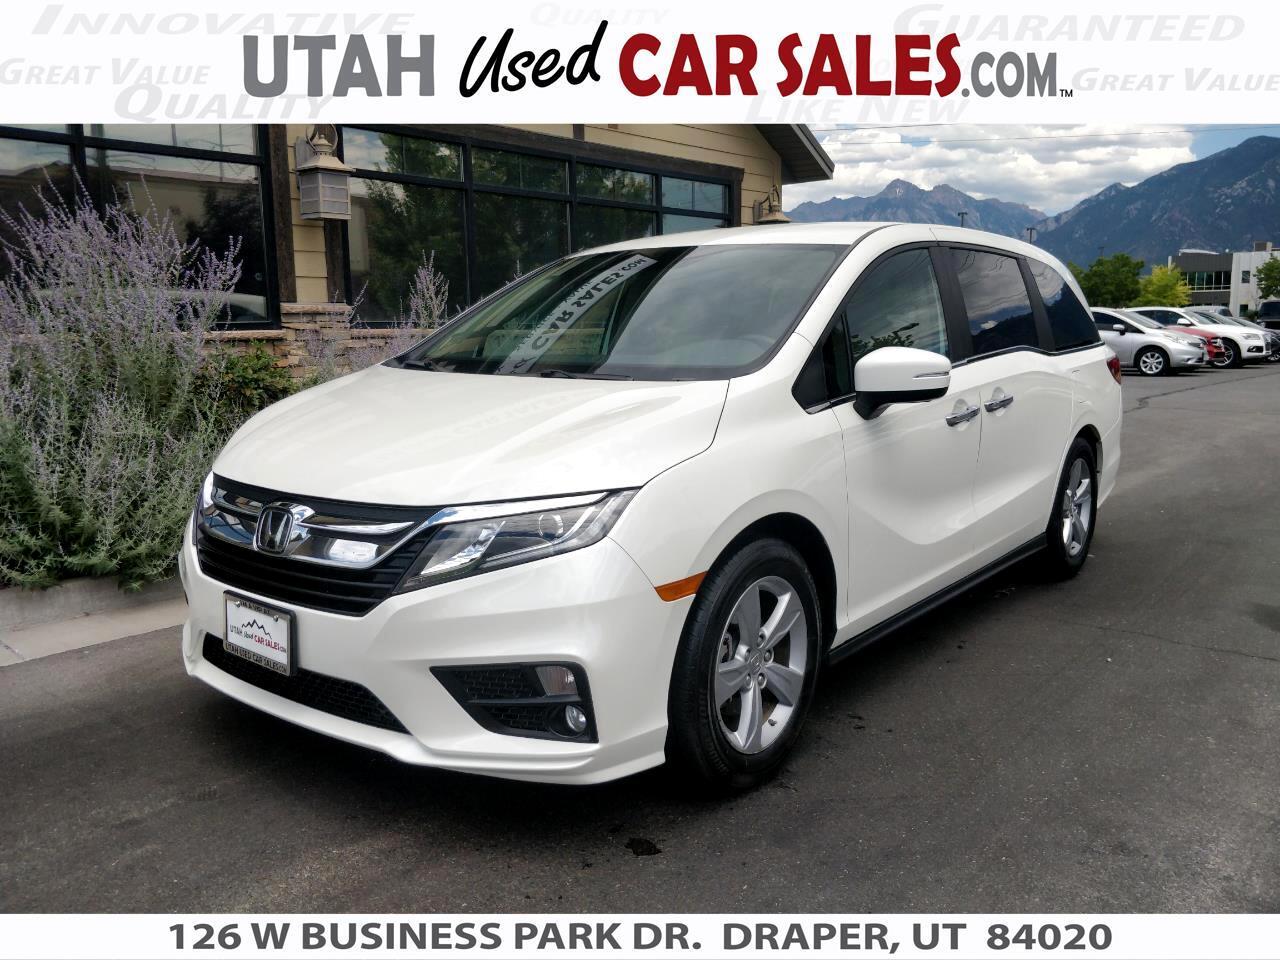 2019 Honda Odyssey 5dr EX w/RES